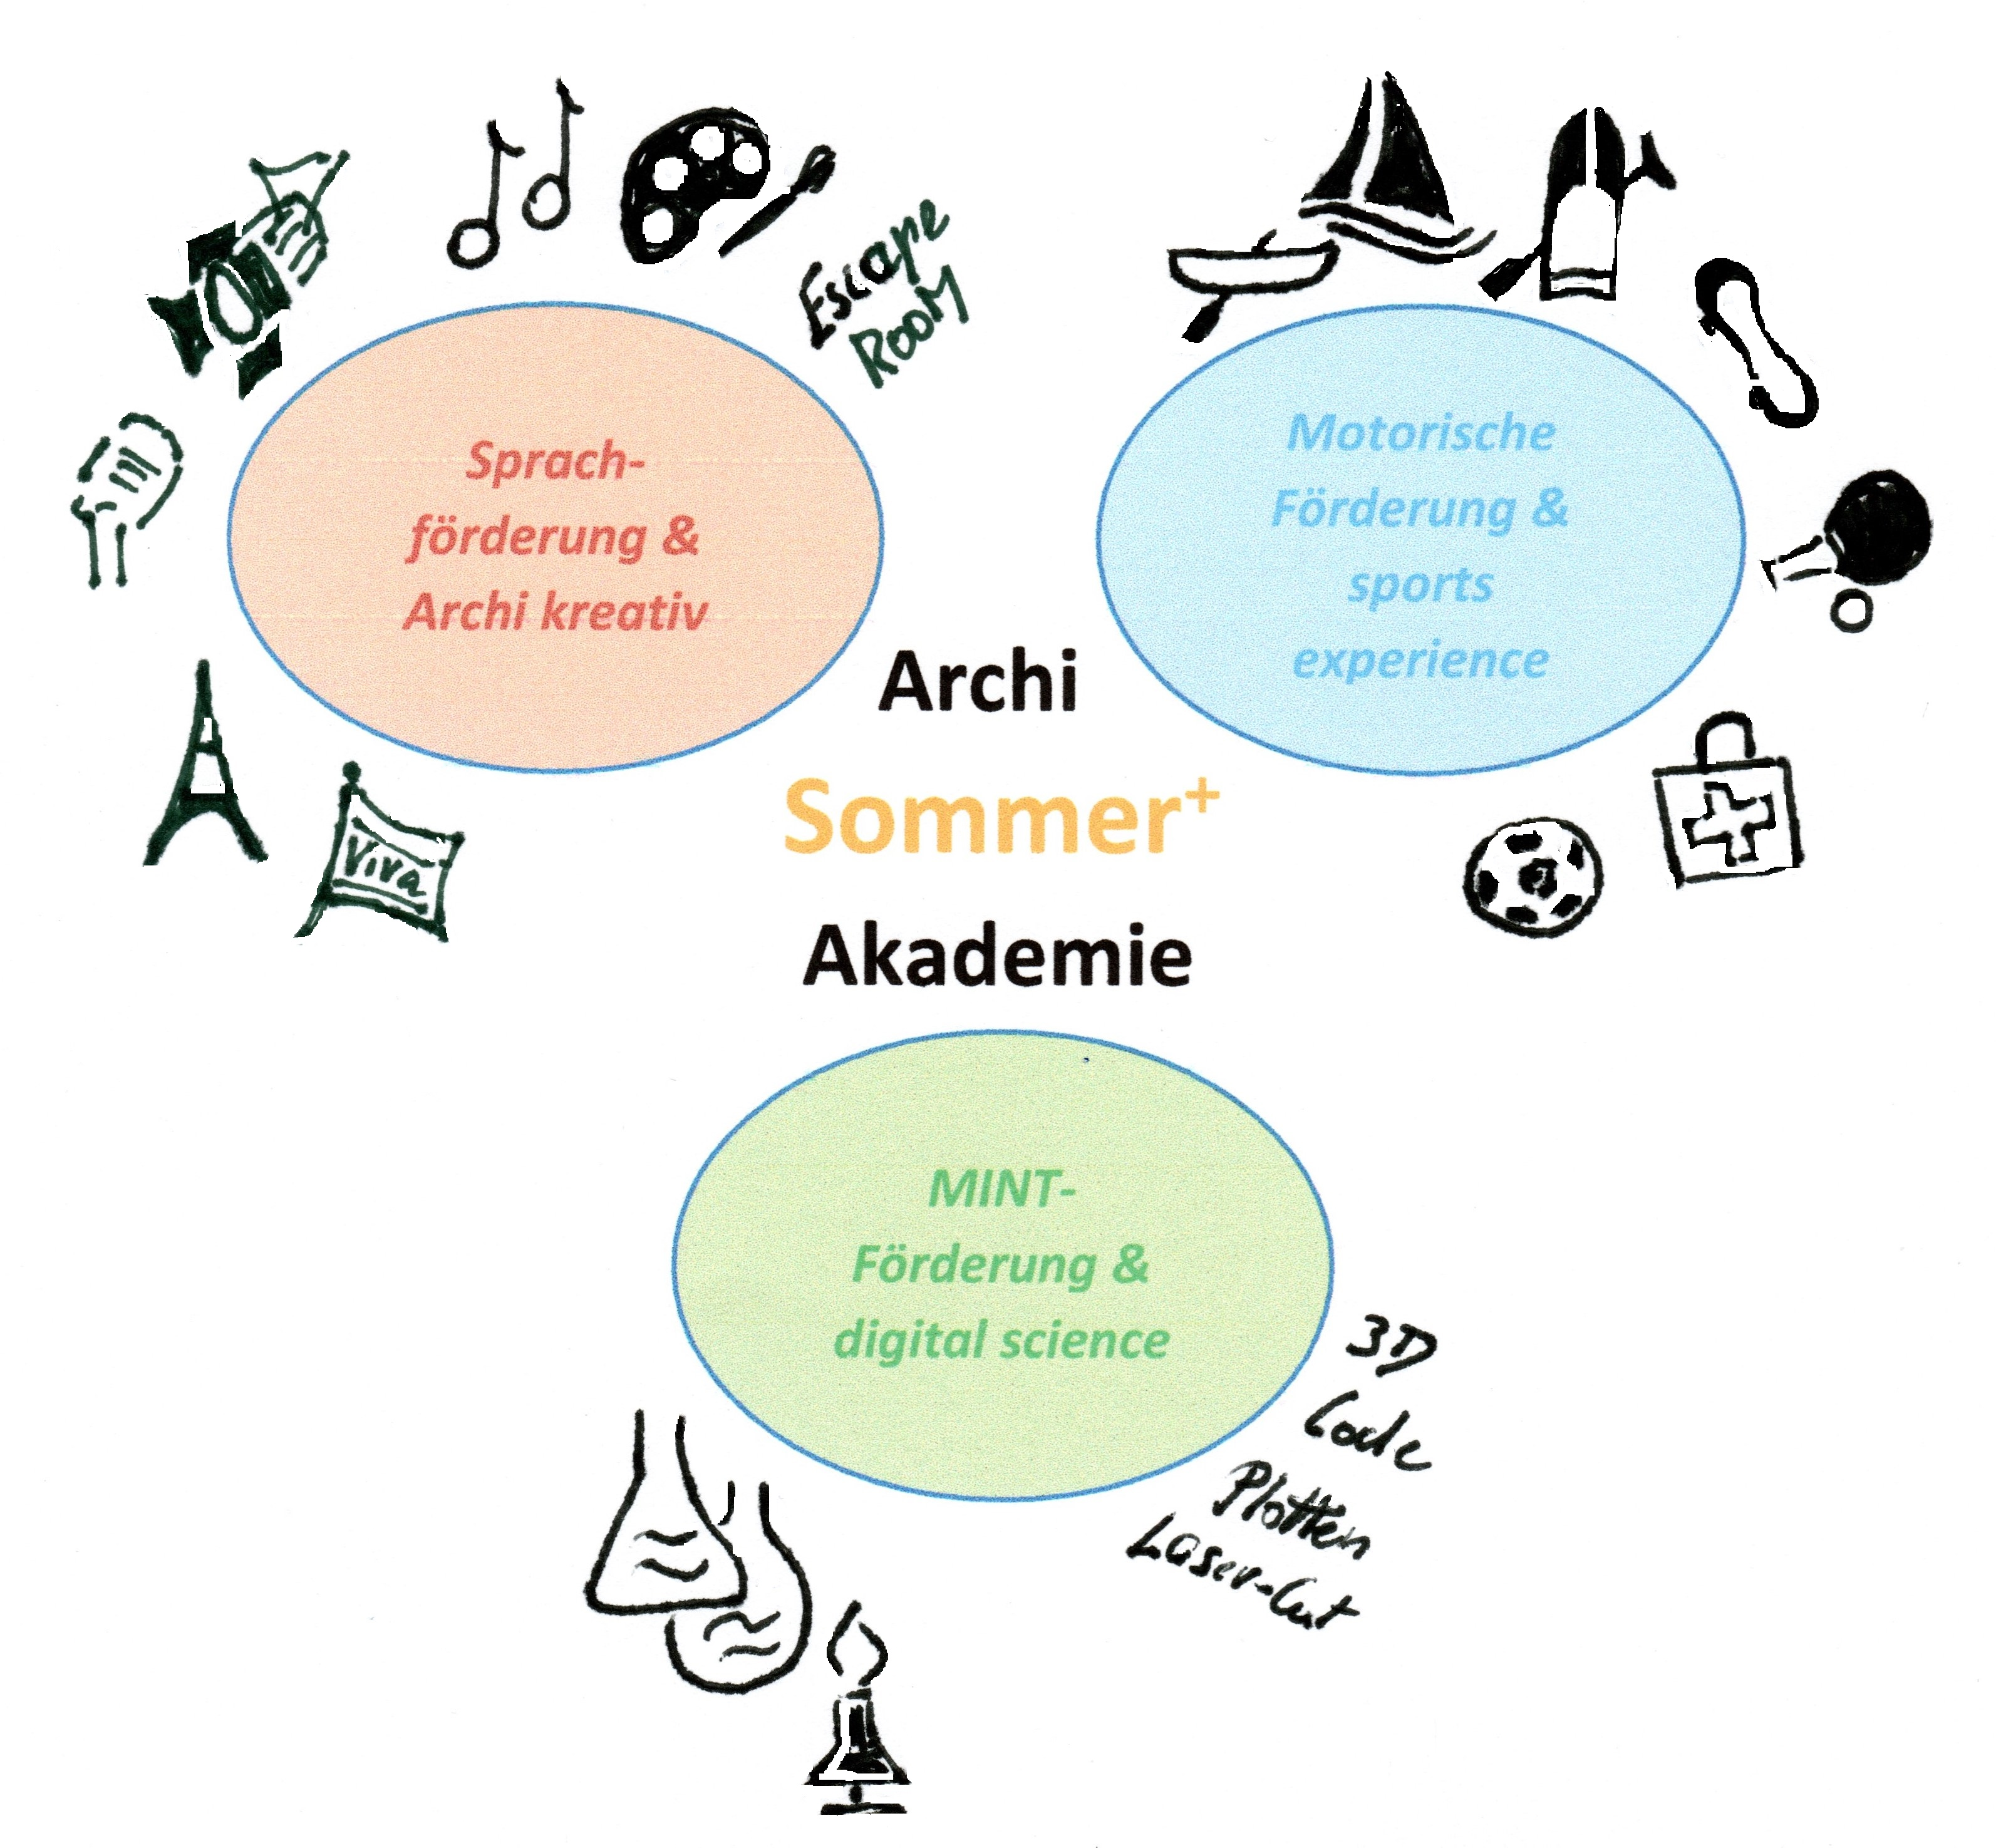 Archi Sommer Akademie